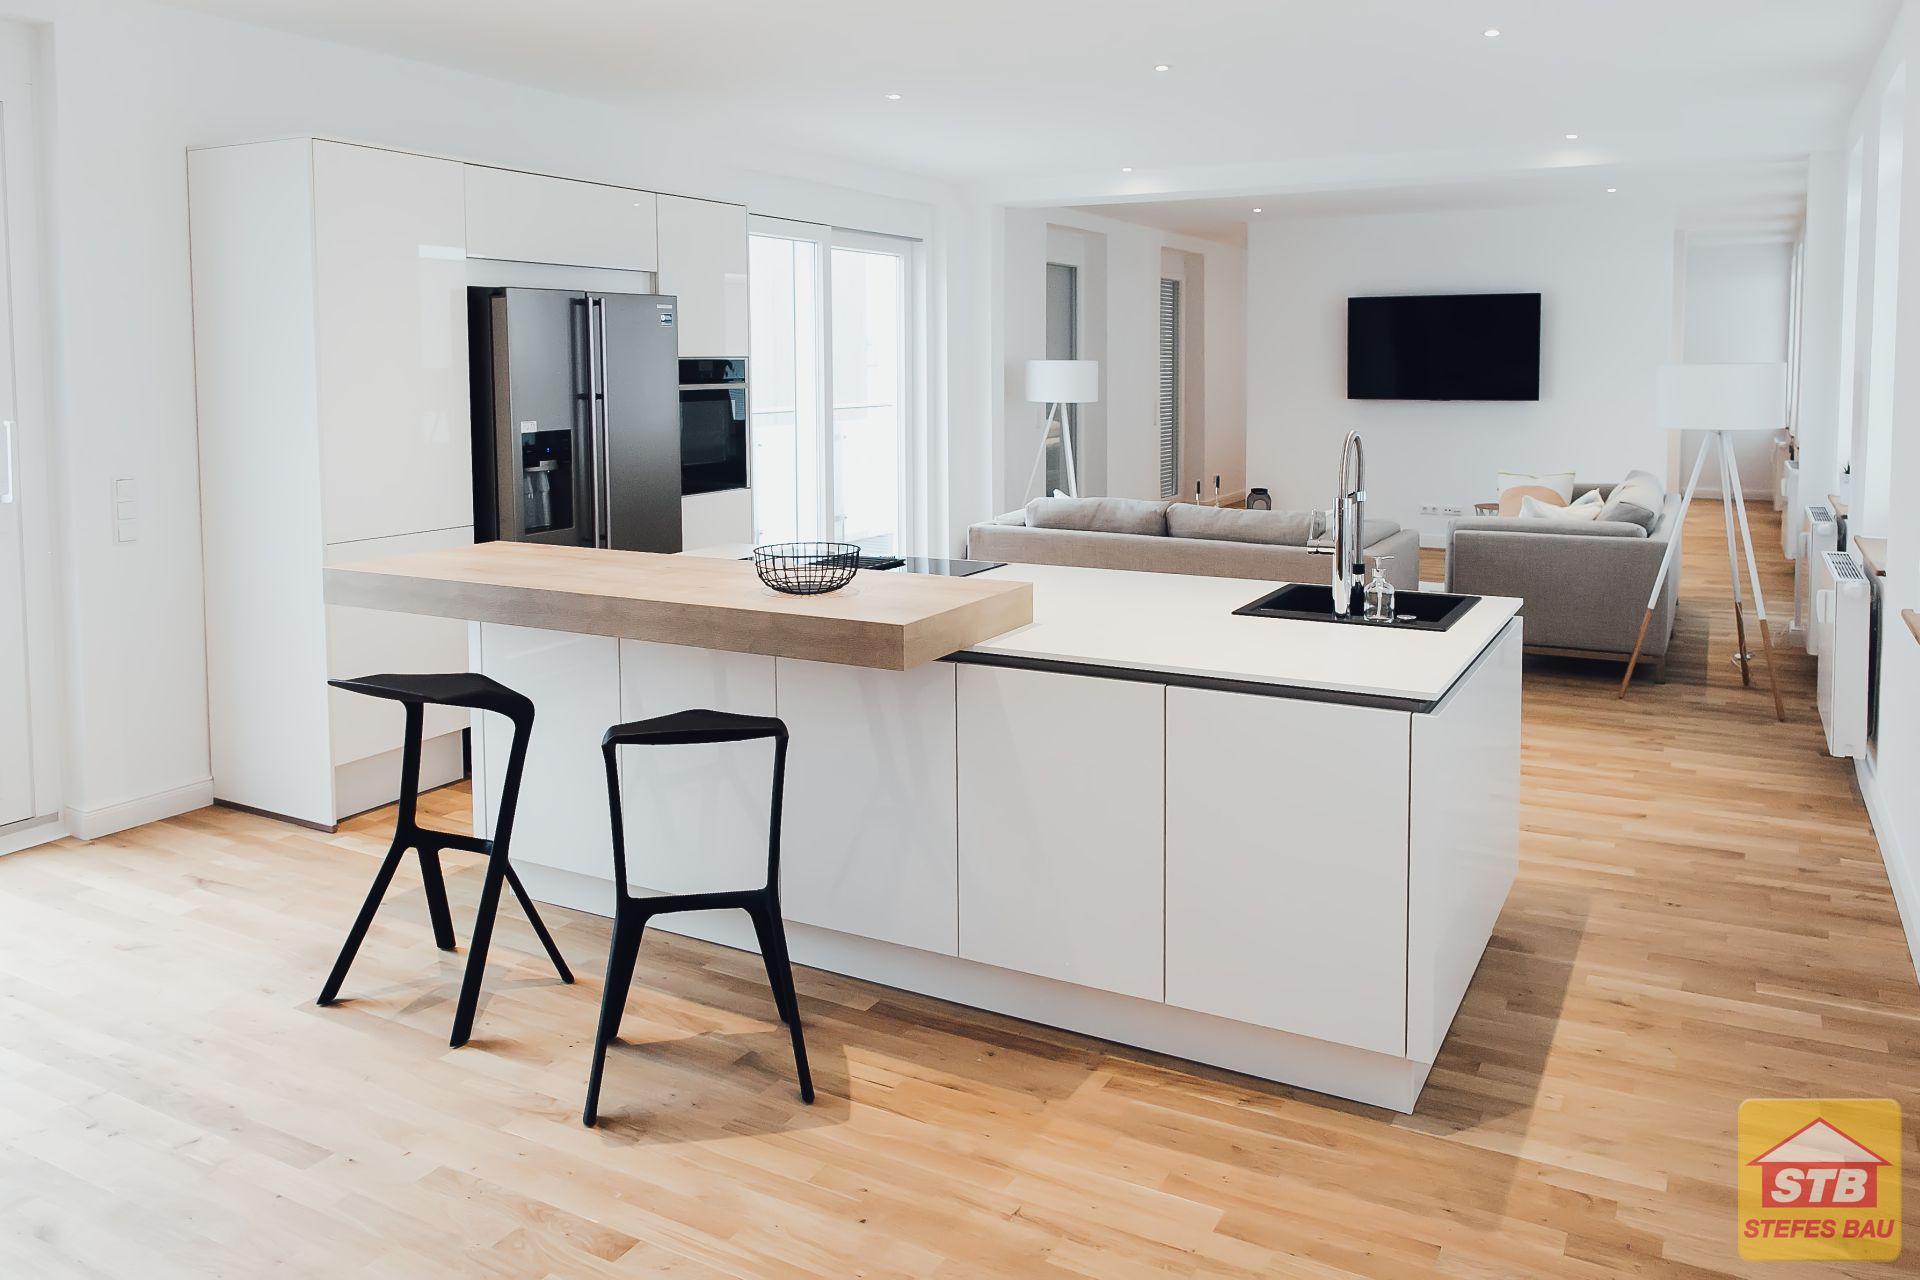 Großzügig Sehnen Küche Zeitgenössisch - Küchen Ideen Modern ...